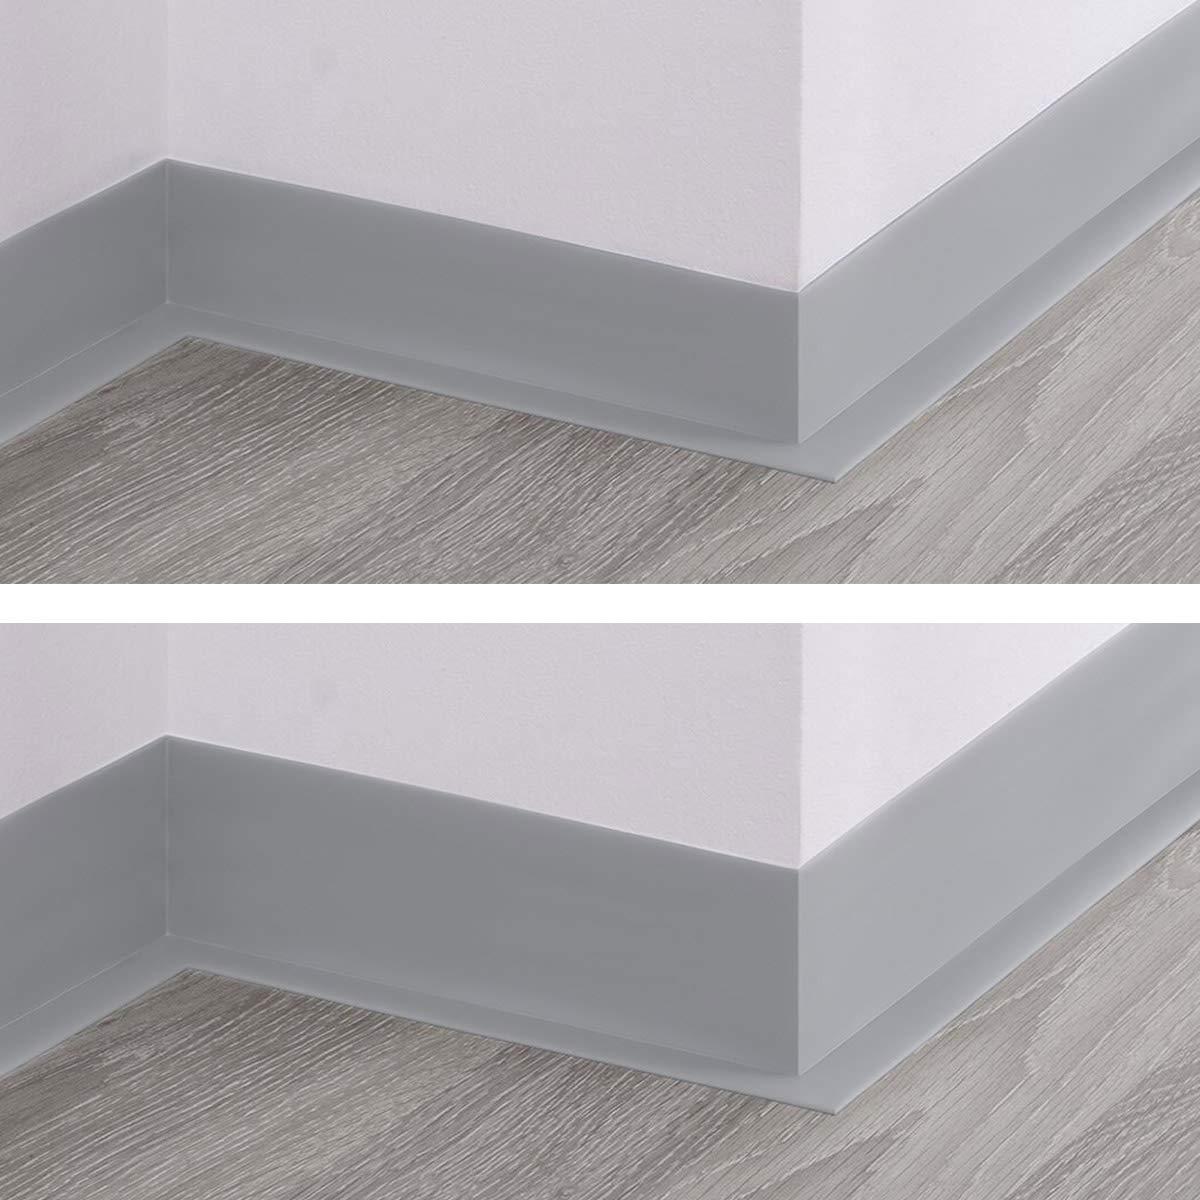 5 Meter HOLZBRINK Weichsockelleiste Schwarz Knickleiste ohne Klebestreifen 70x20mm Material: PVC